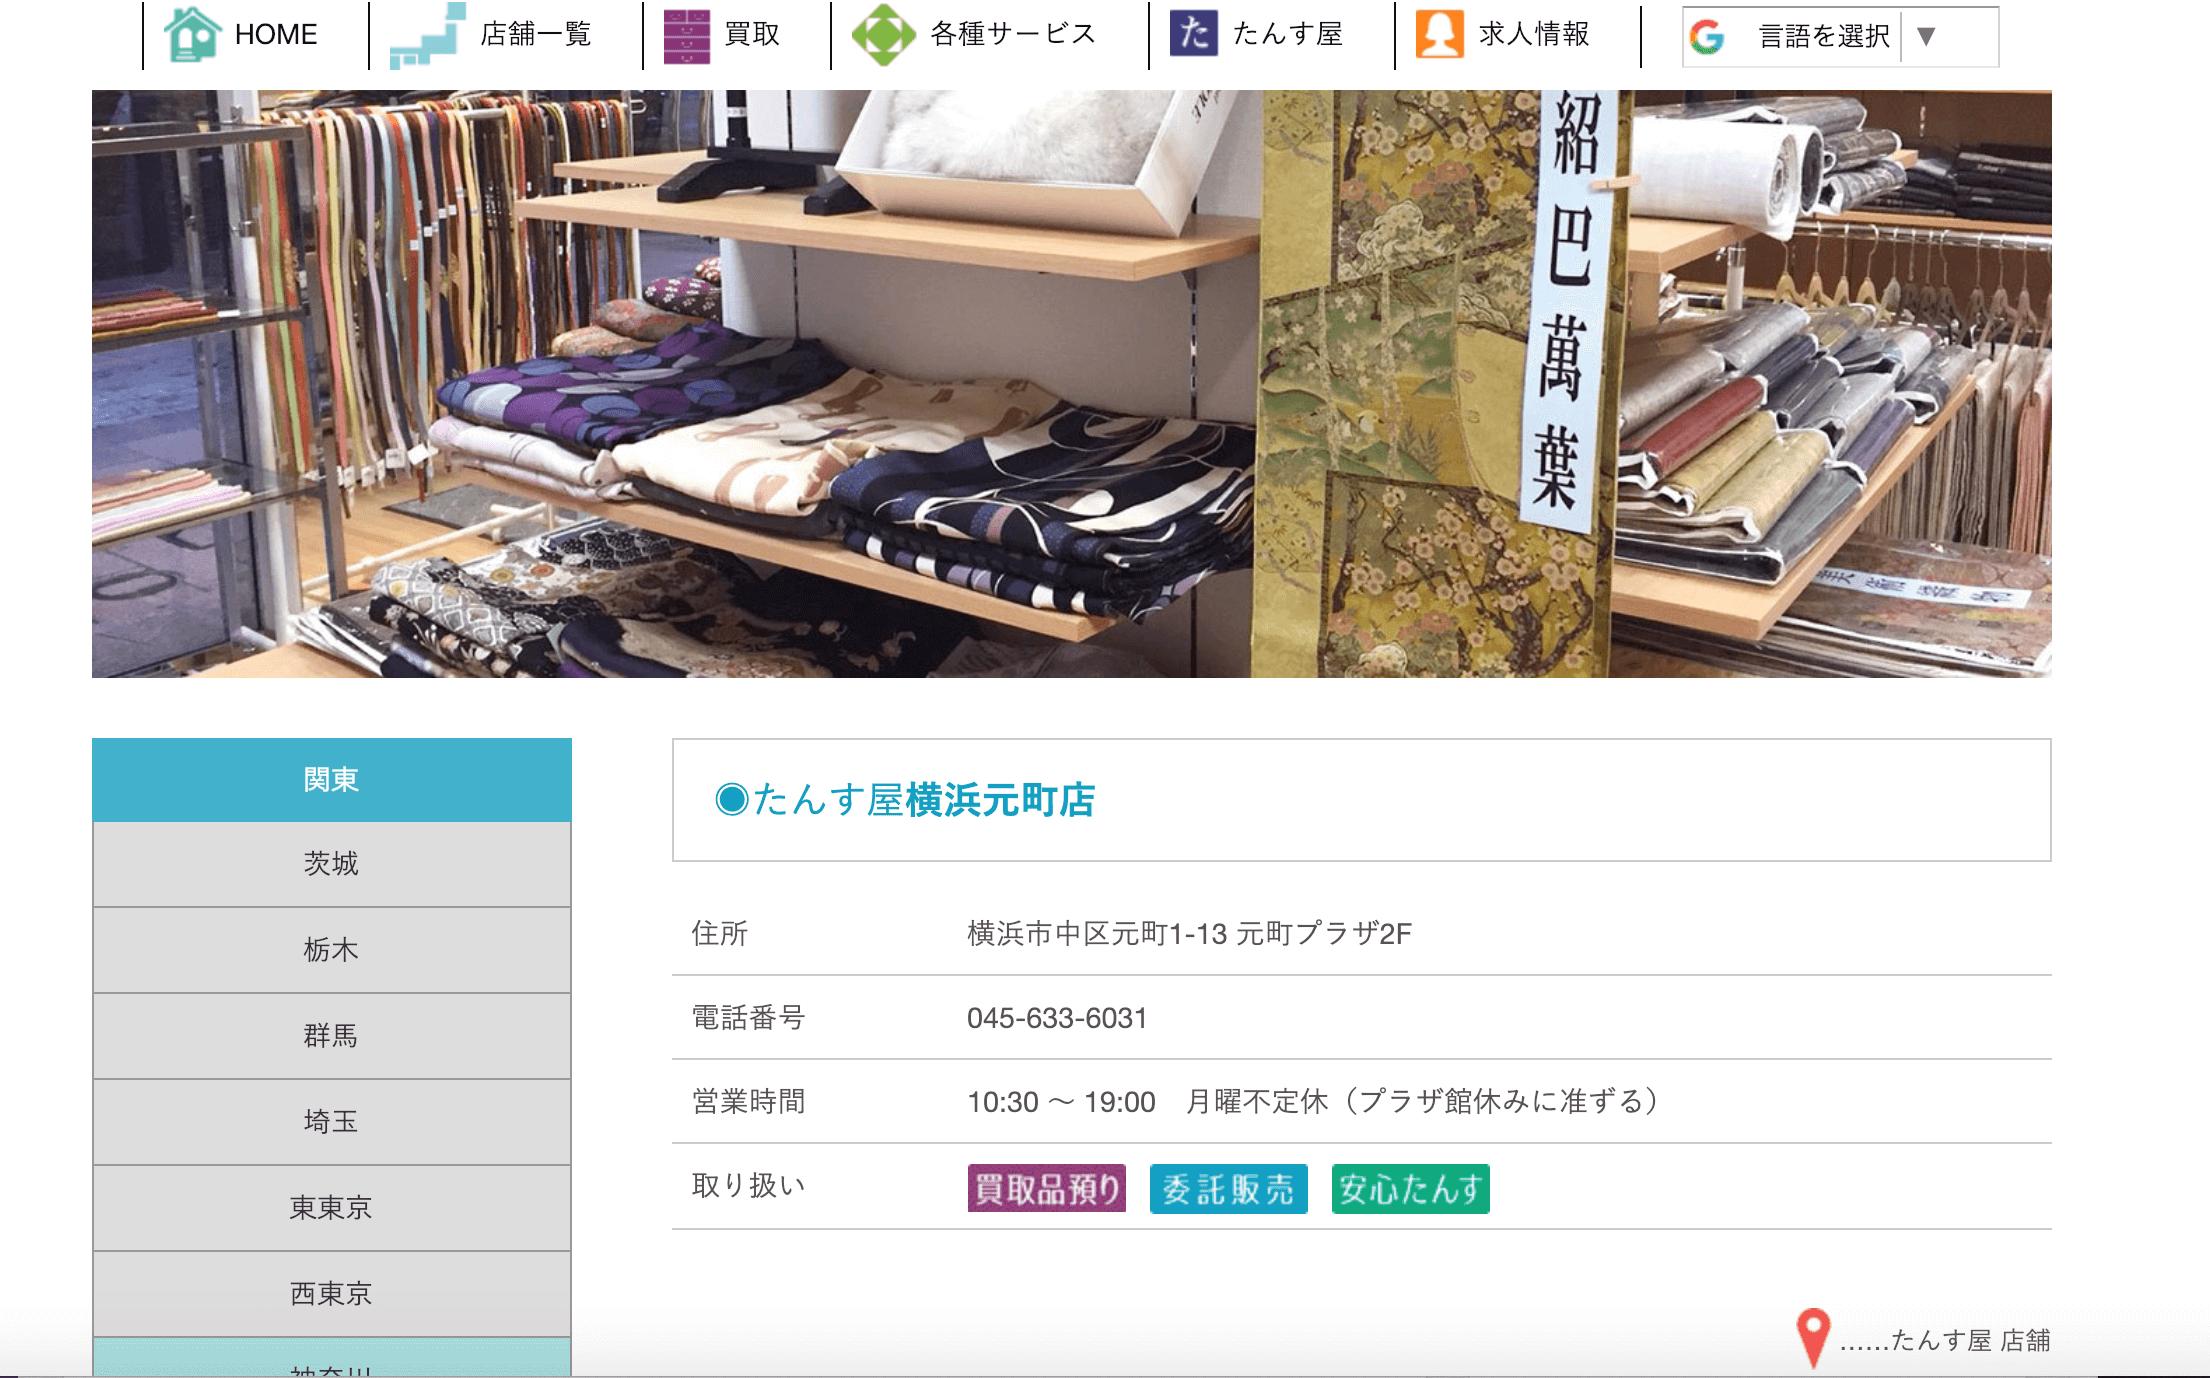 着物買取横浜市たんすや